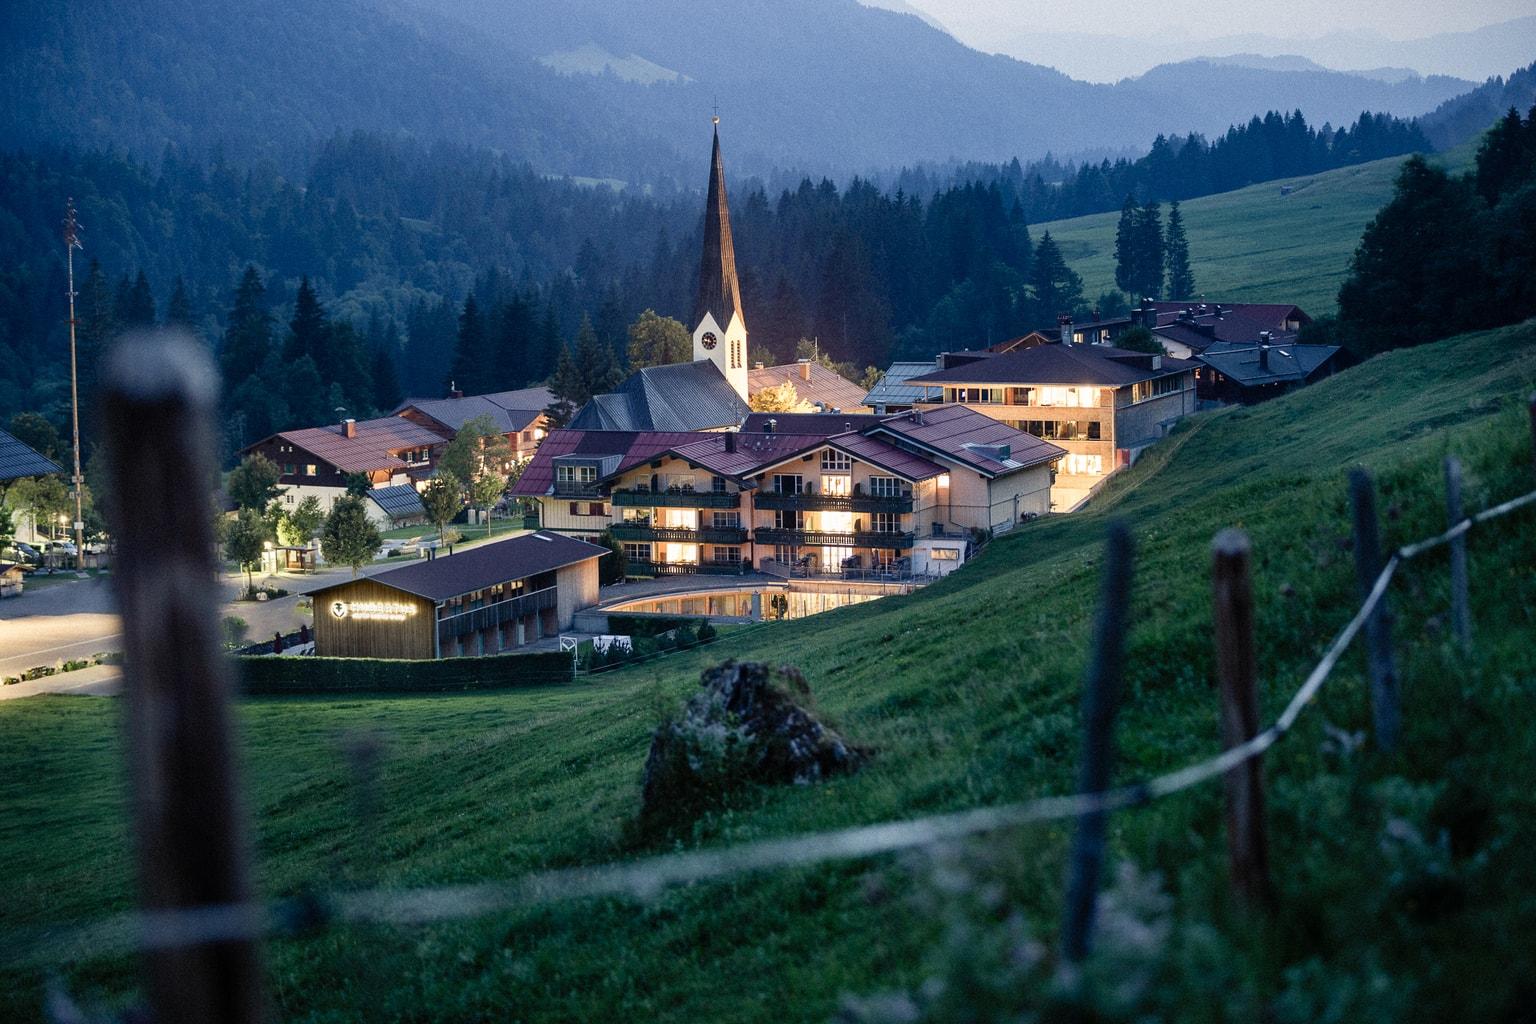 Uitzicht op de Hubertus Alpin Lodge met uitzicht op de Allgaeu